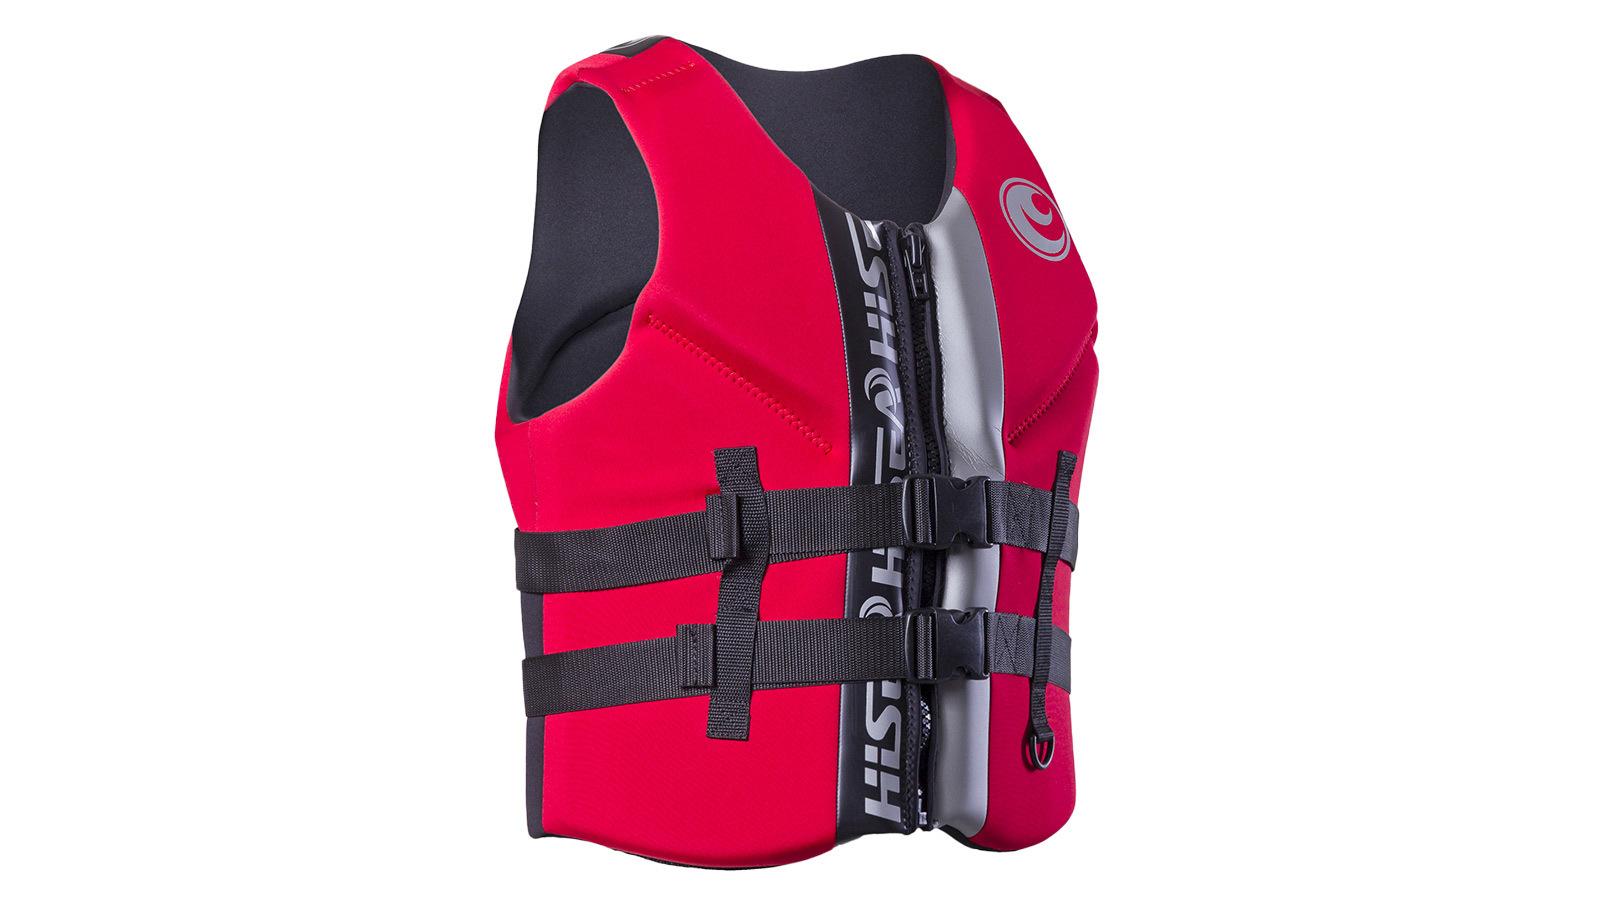 Плавательный жилет HiSEA красный